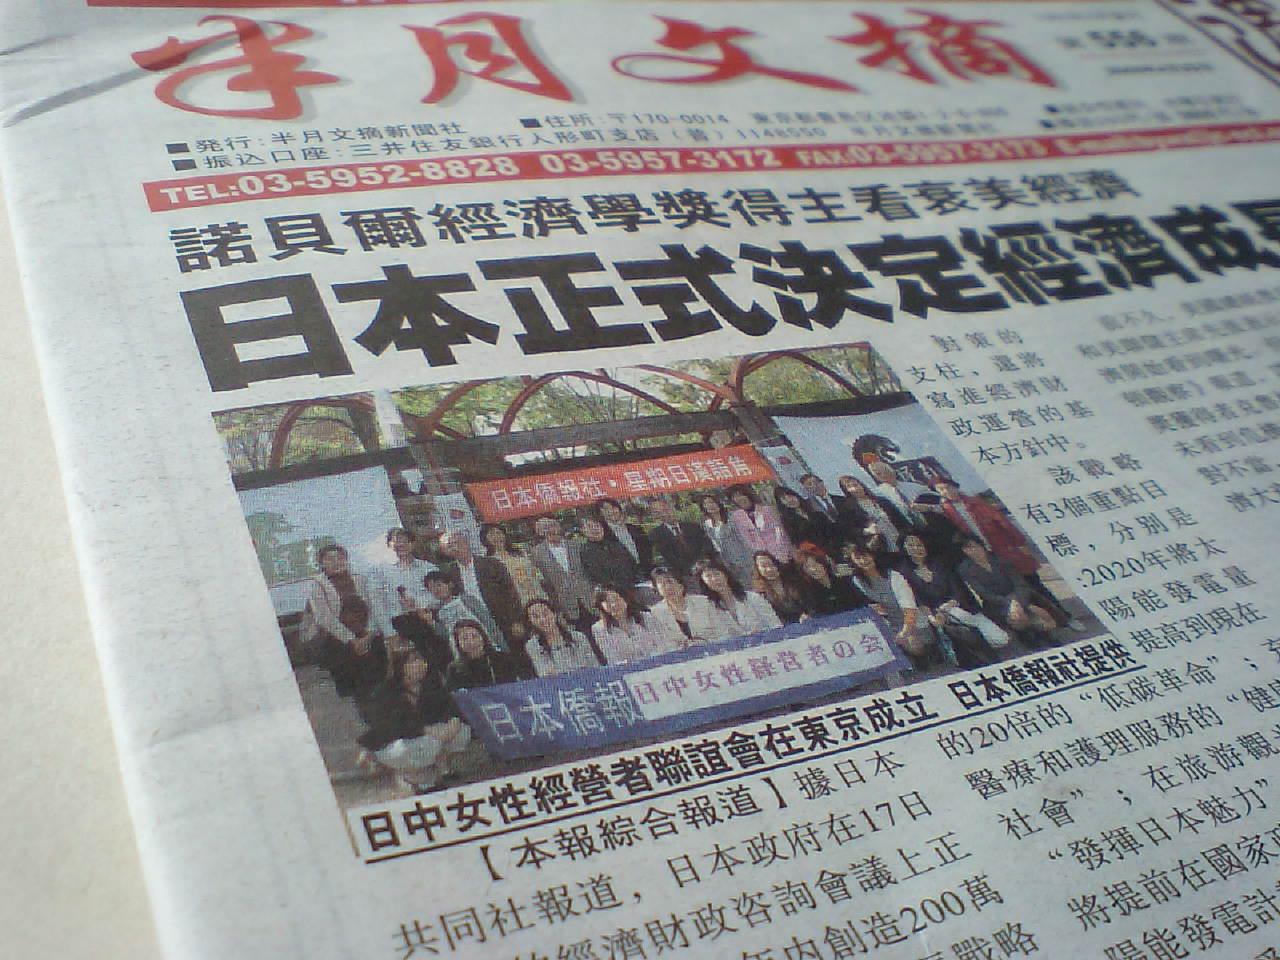 半月文摘 日中女性経営者の会発足の写真 一面トップに掲載_d0027795_15595148.jpg